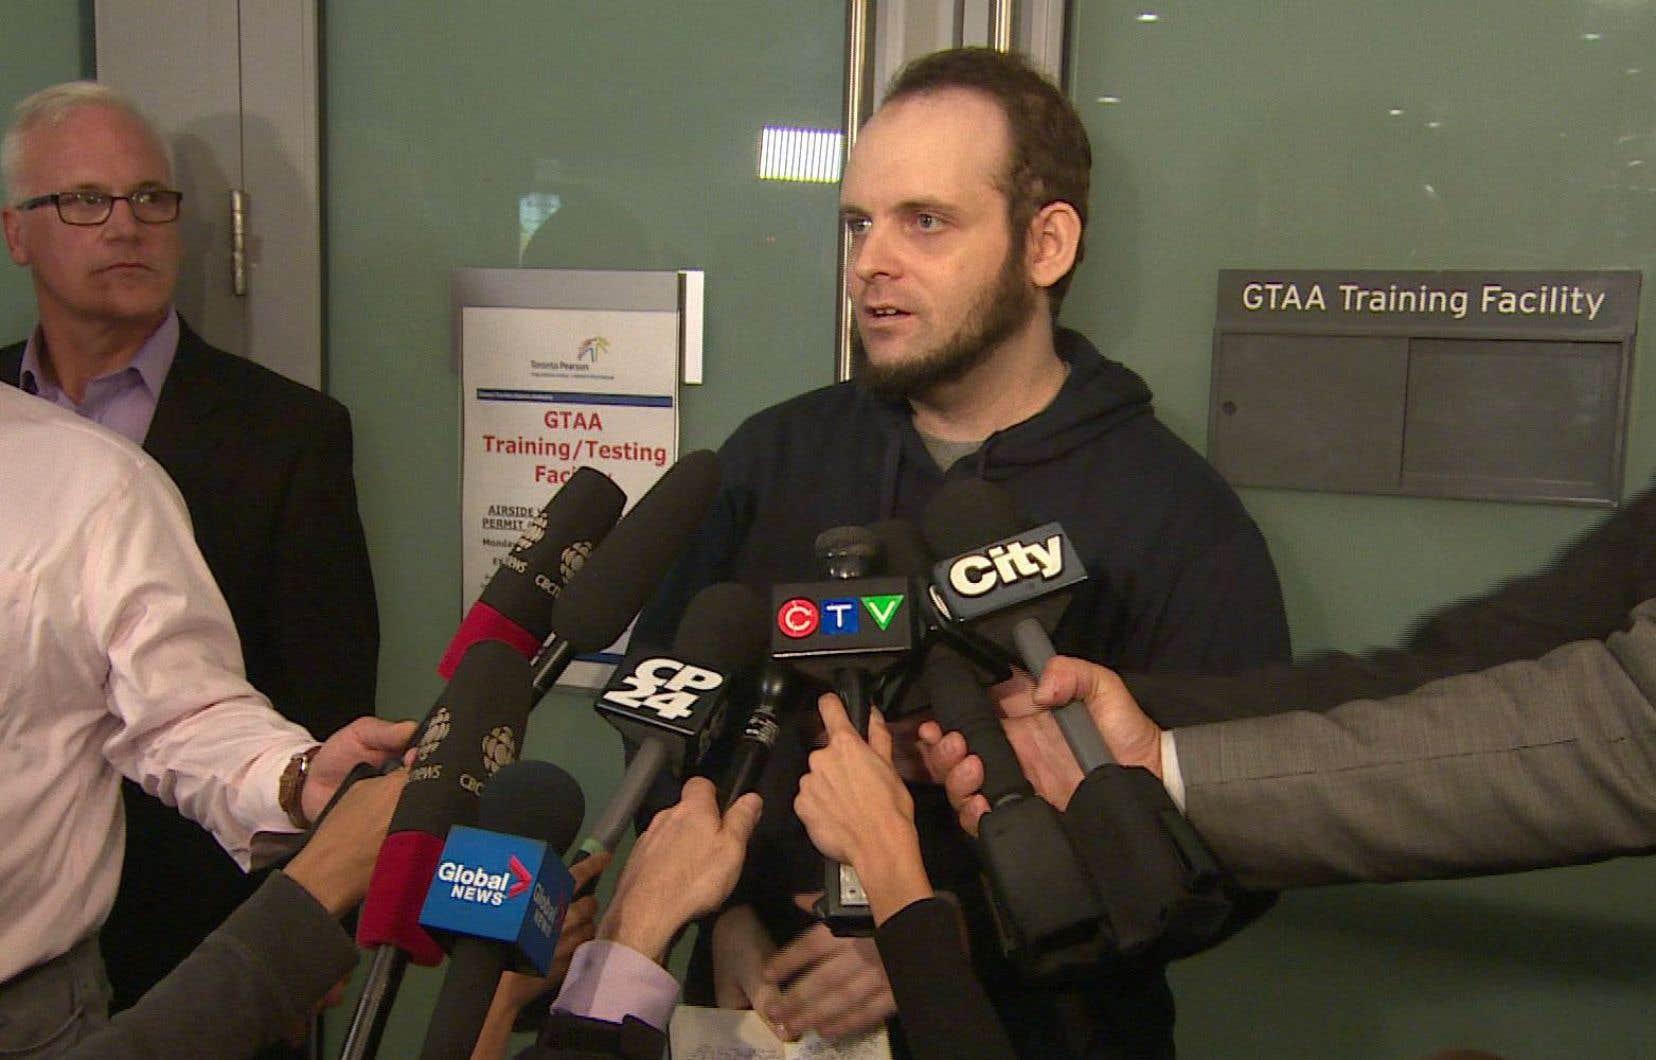 M.Boyle, qui s'est présenté seul devant les caméras, a révélé que sa petite fille avait été tuée et son épouse violée car il refusait de céder à des exigences de ses ravisseurs.